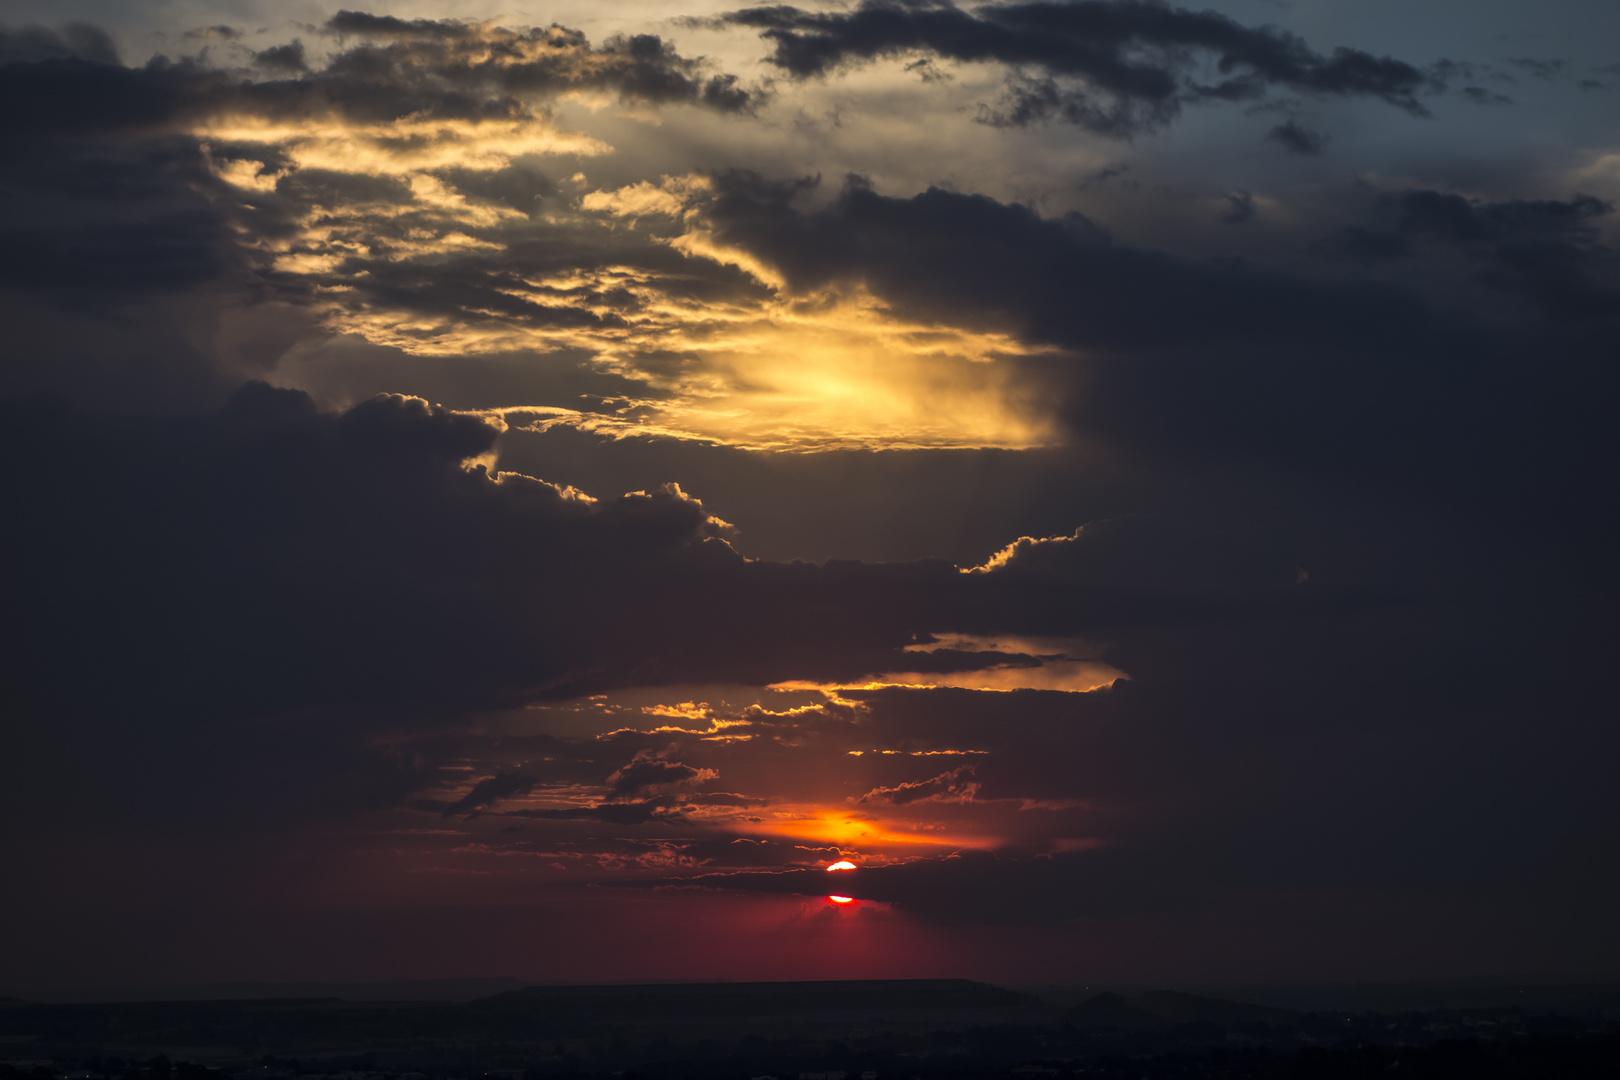 Sonnenuntergang auf Afrikanisch